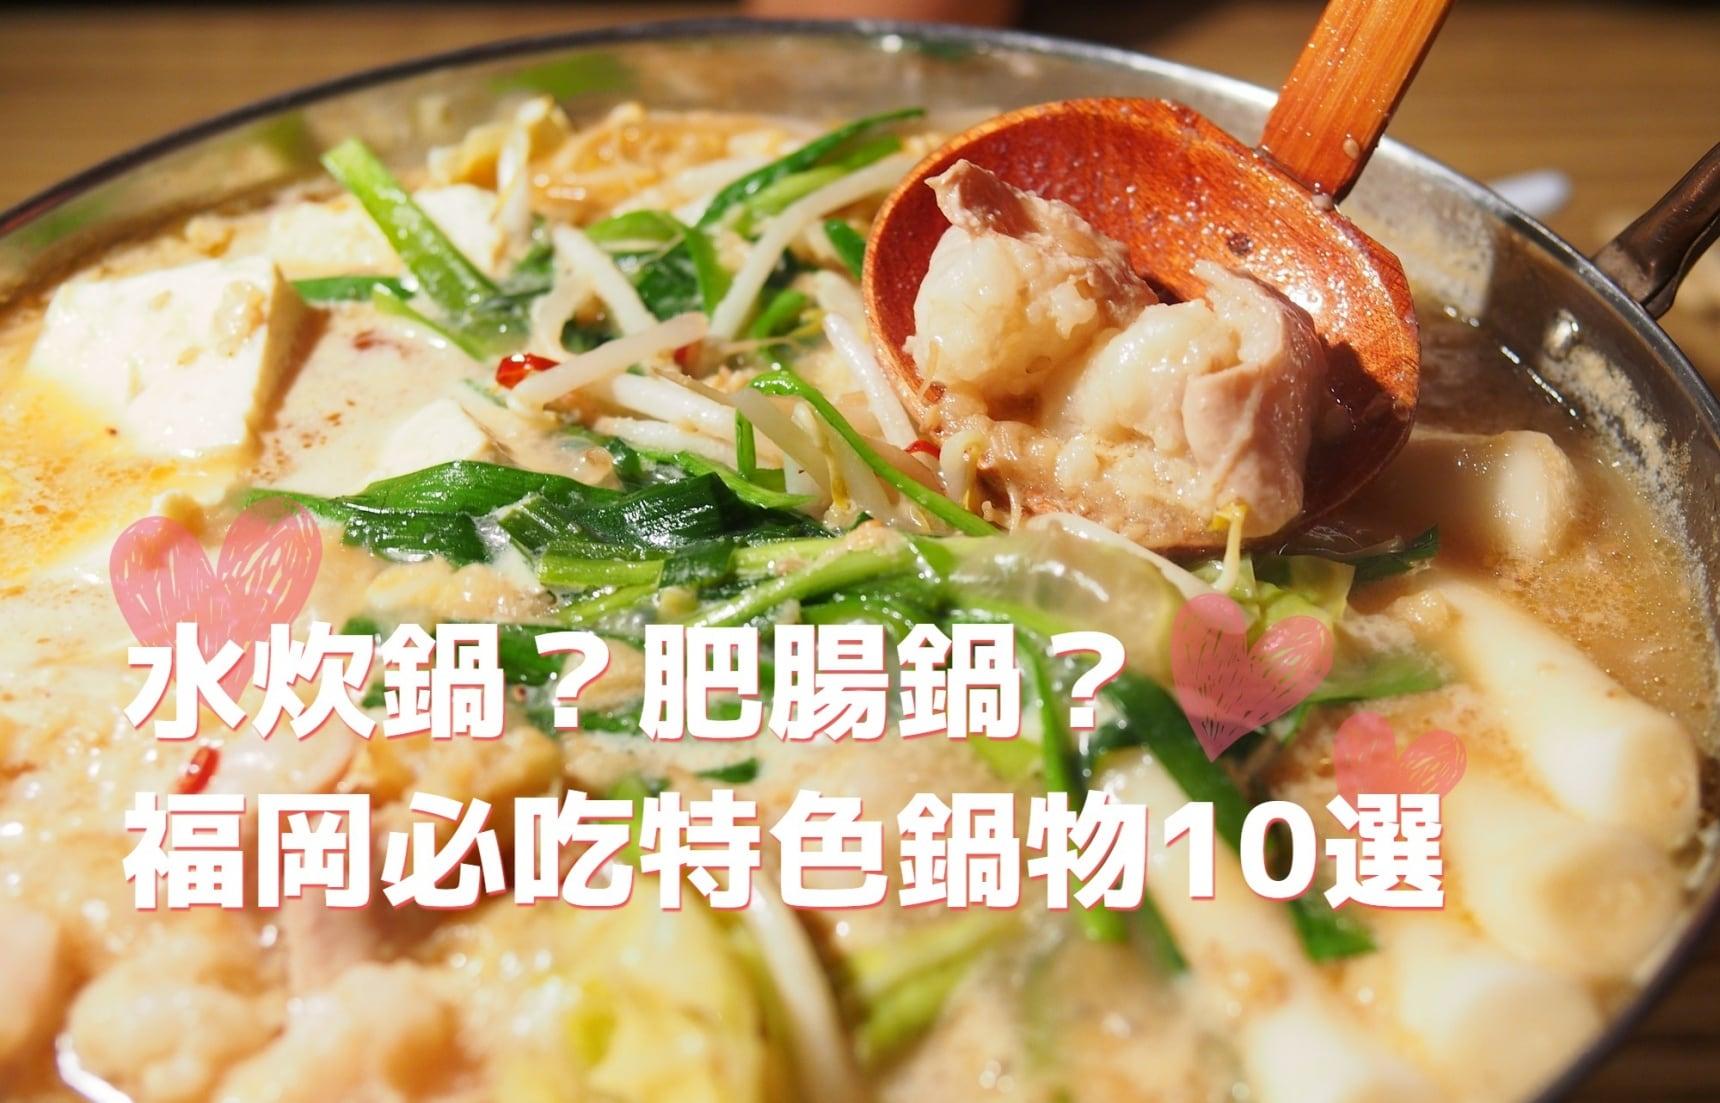 【福岡美食】水炊雞肉鍋、肥腸鍋還不夠!福岡必吃美味鍋物10選